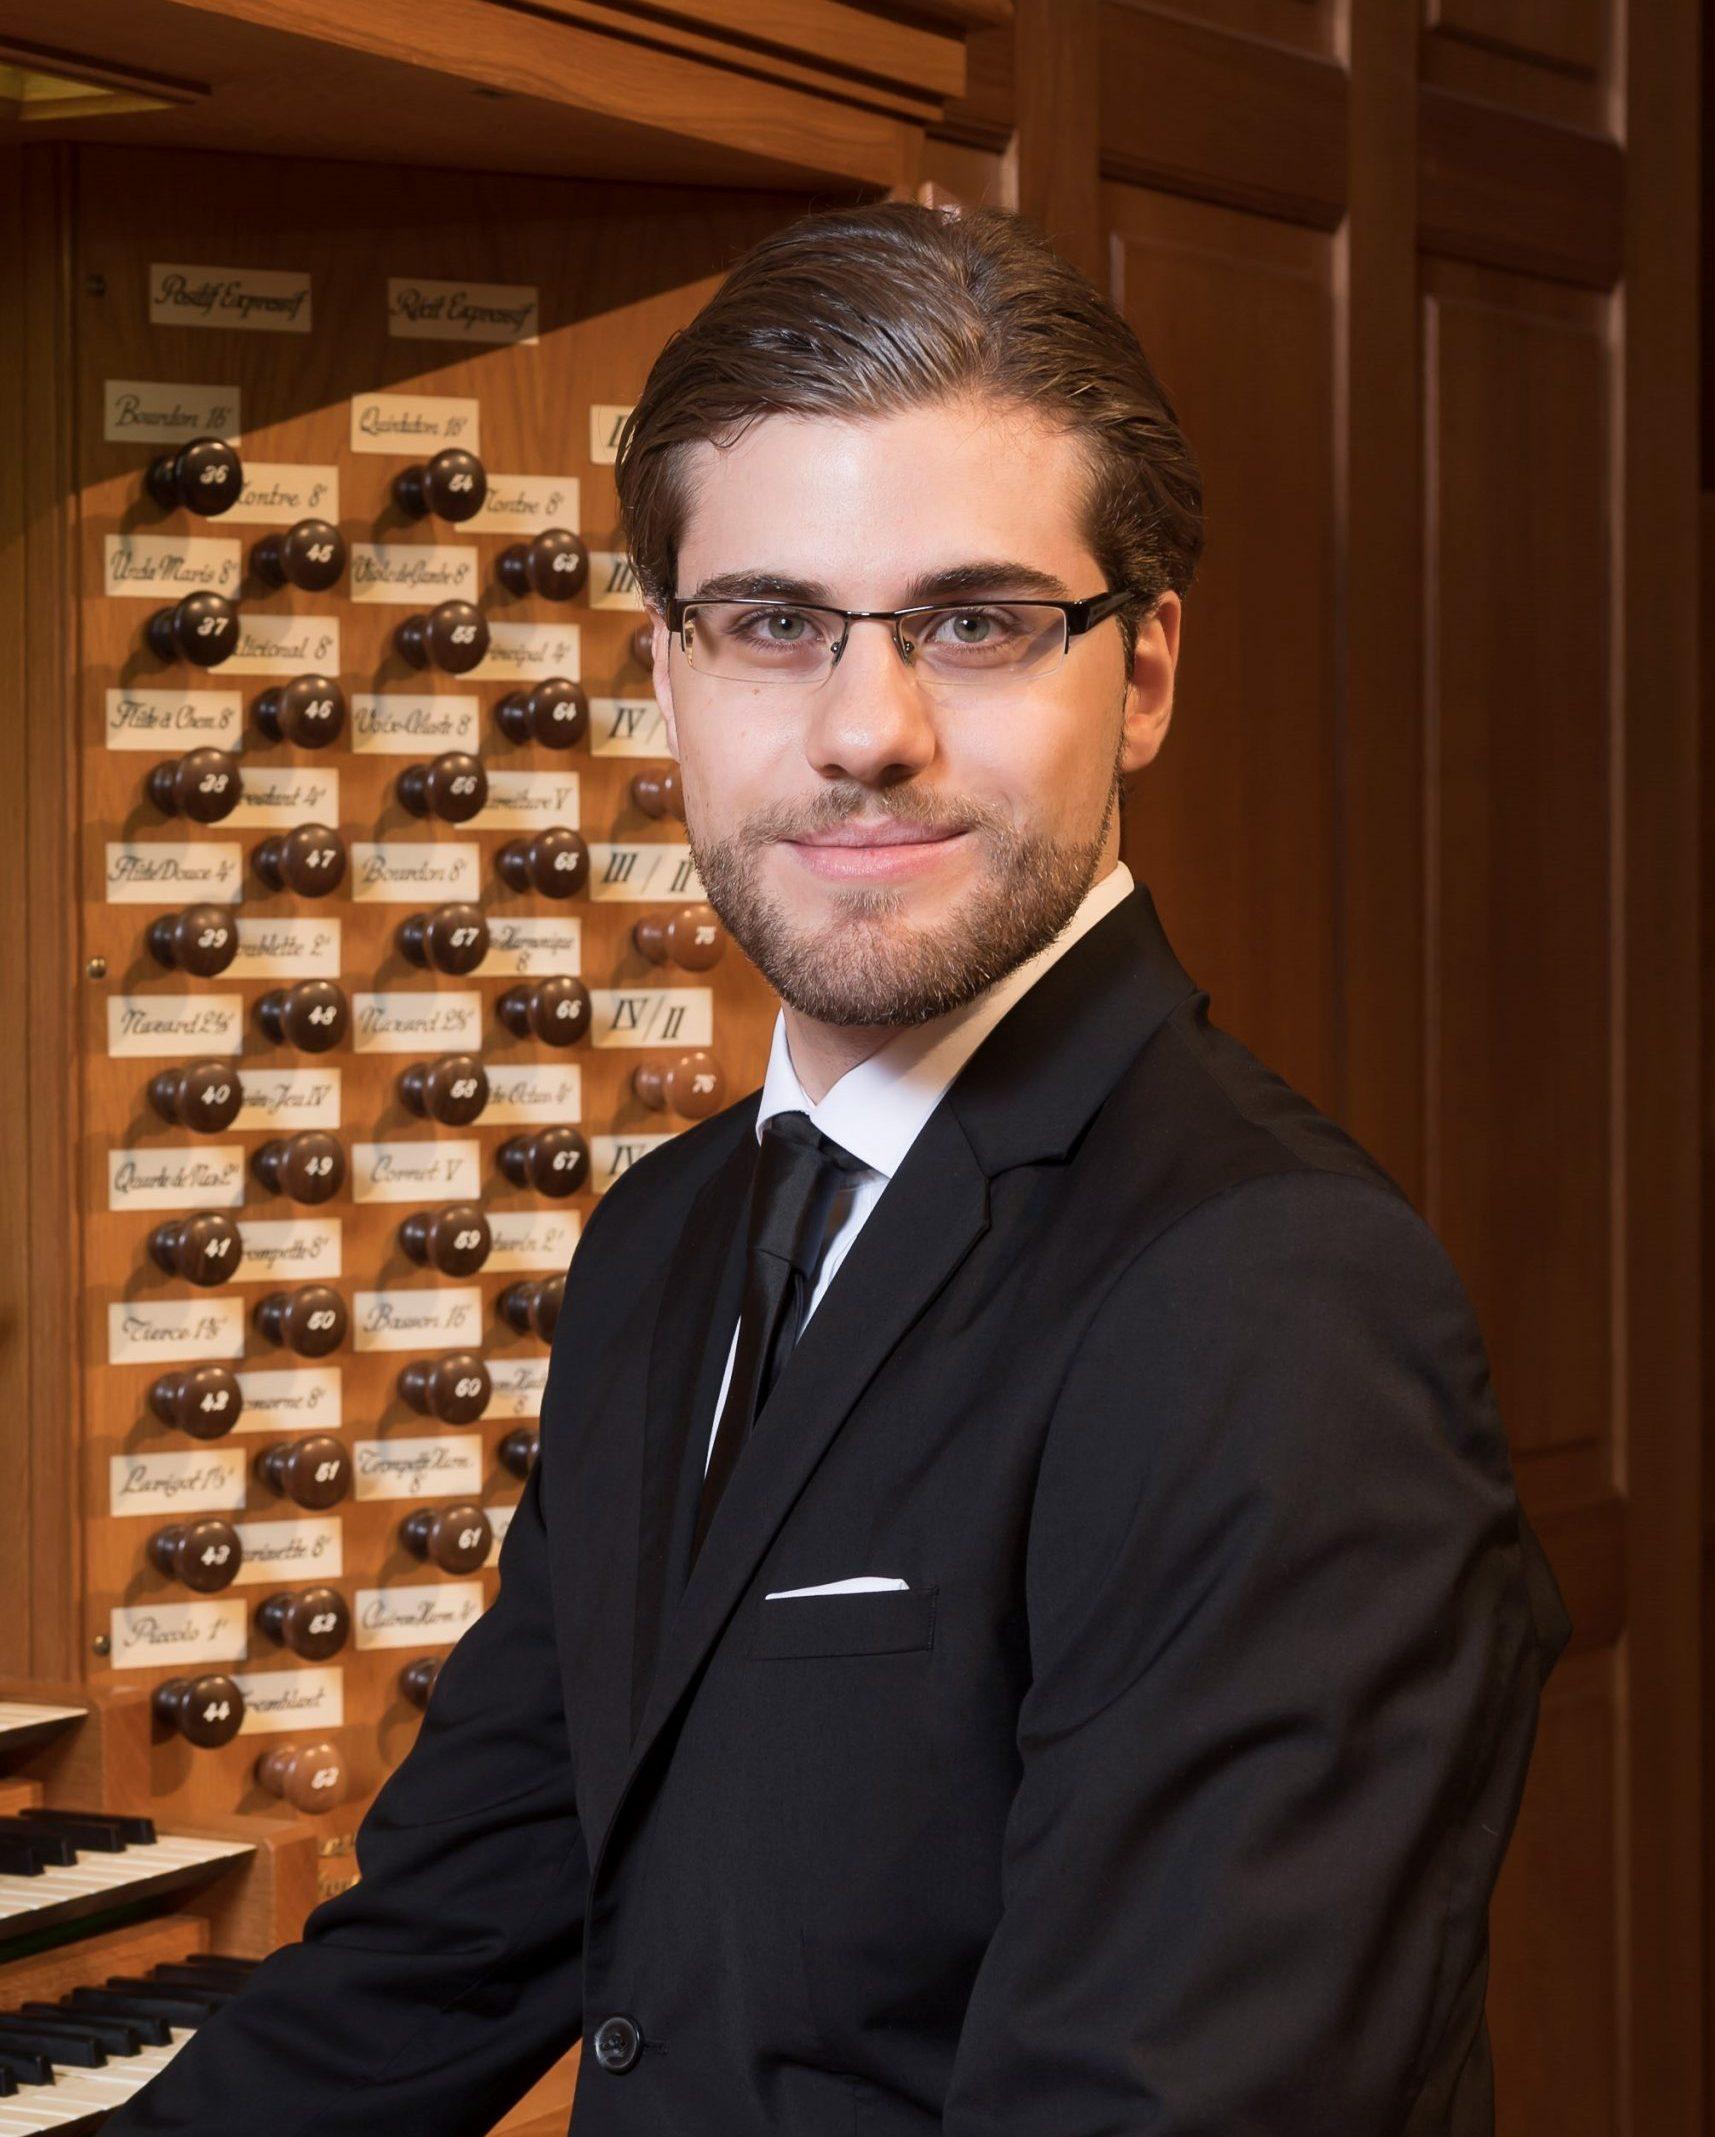 Davide Mariano Portrait